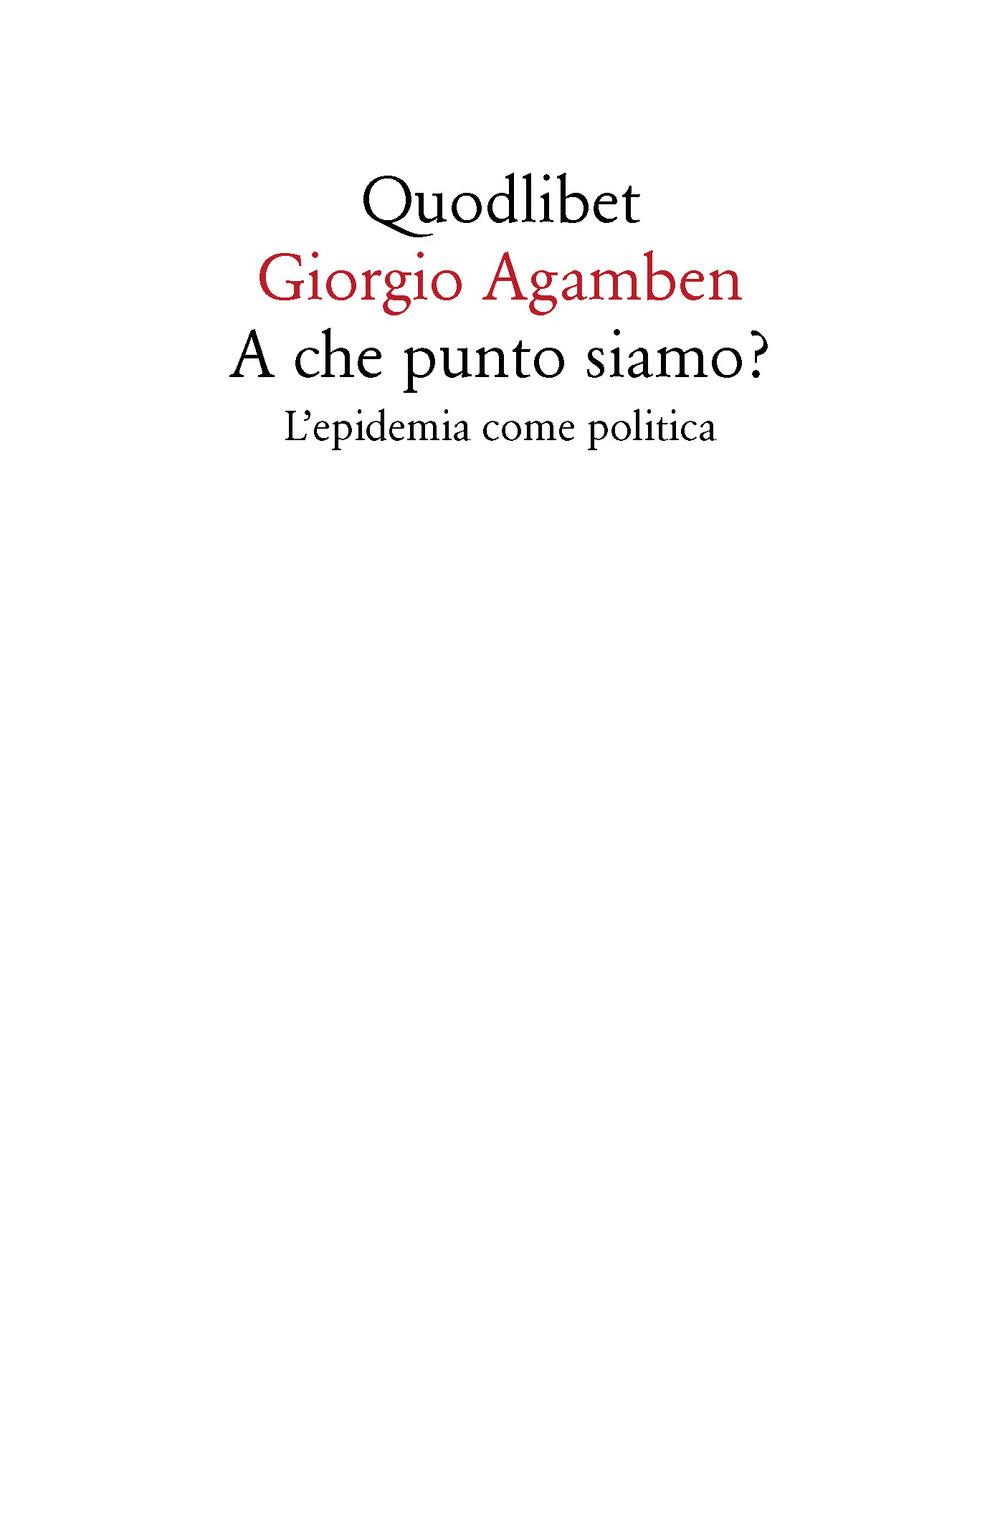 A CHE PUNTO SIAMO? L'EPIDEMIA COME POLITICA - 9788822905390